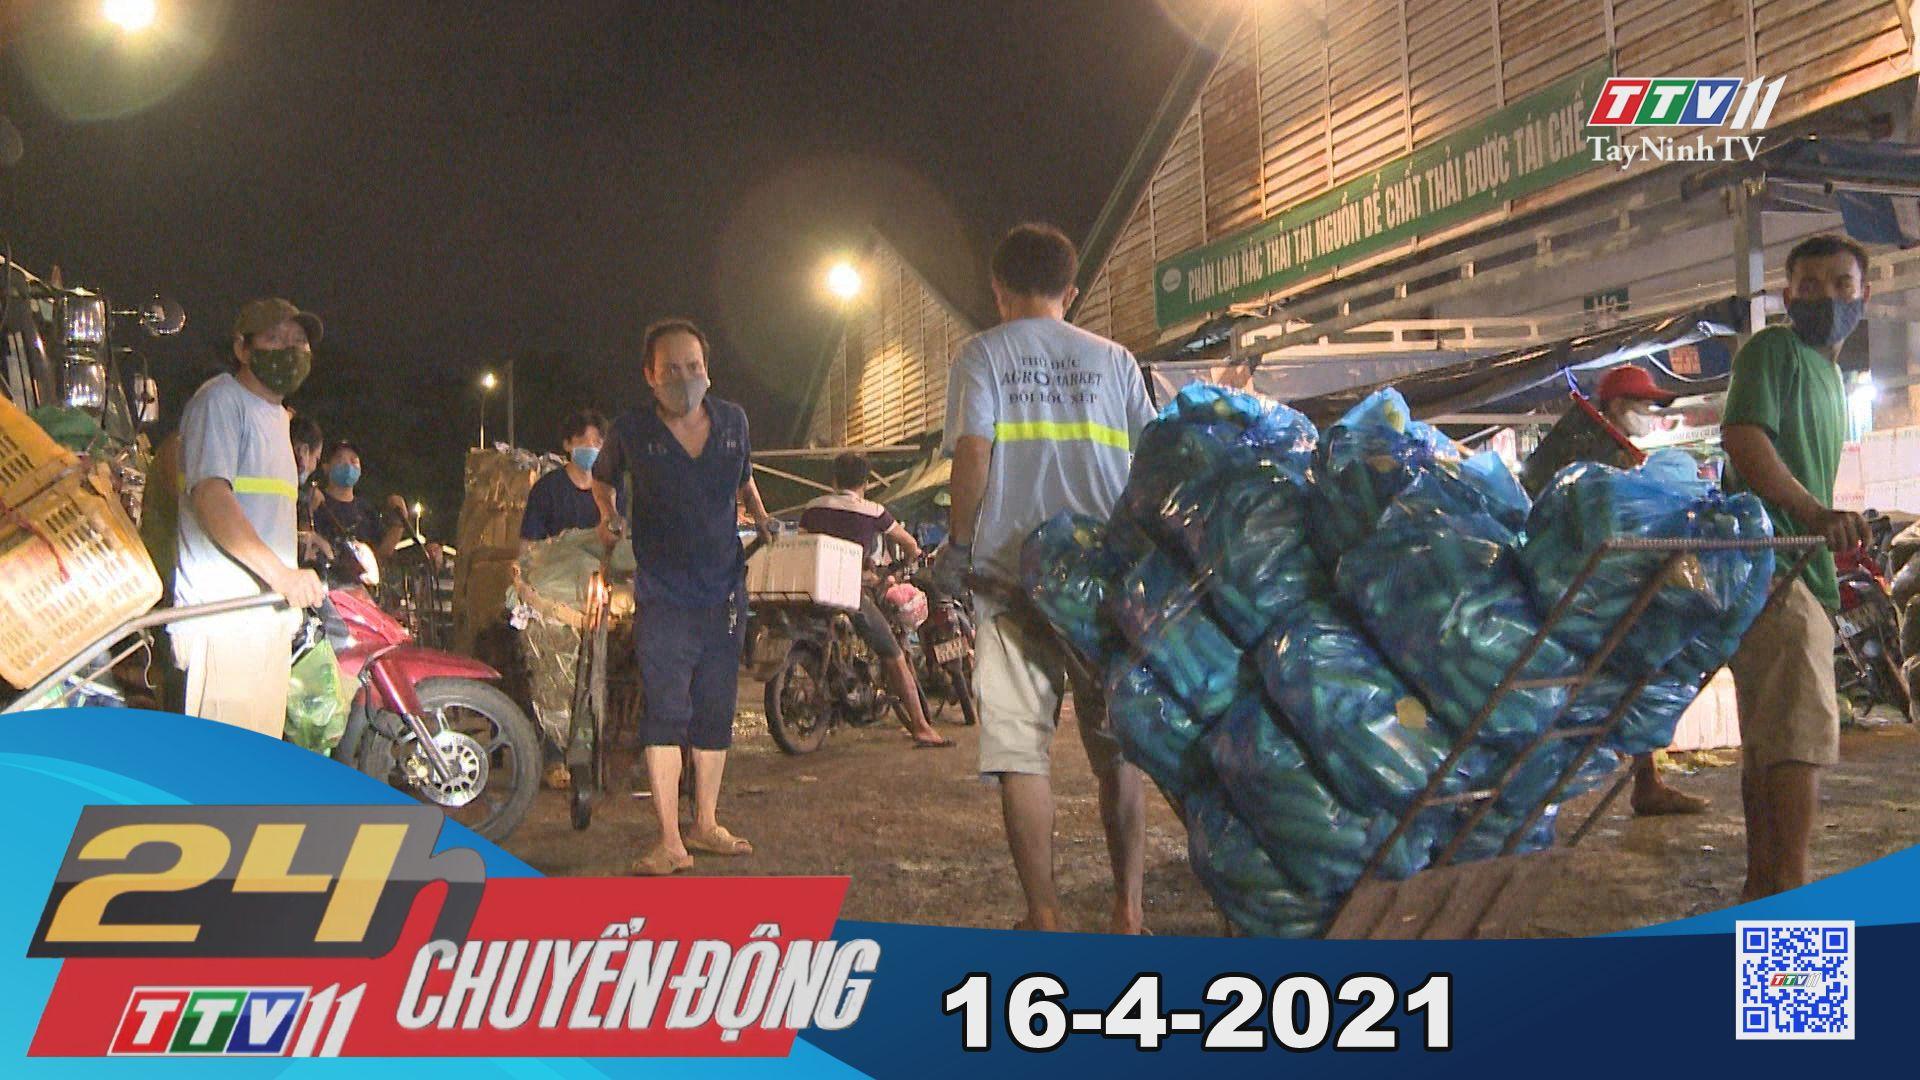 24h Chuyển động 16-4-2021 | Tin tức hôm nay | TayNinhTV